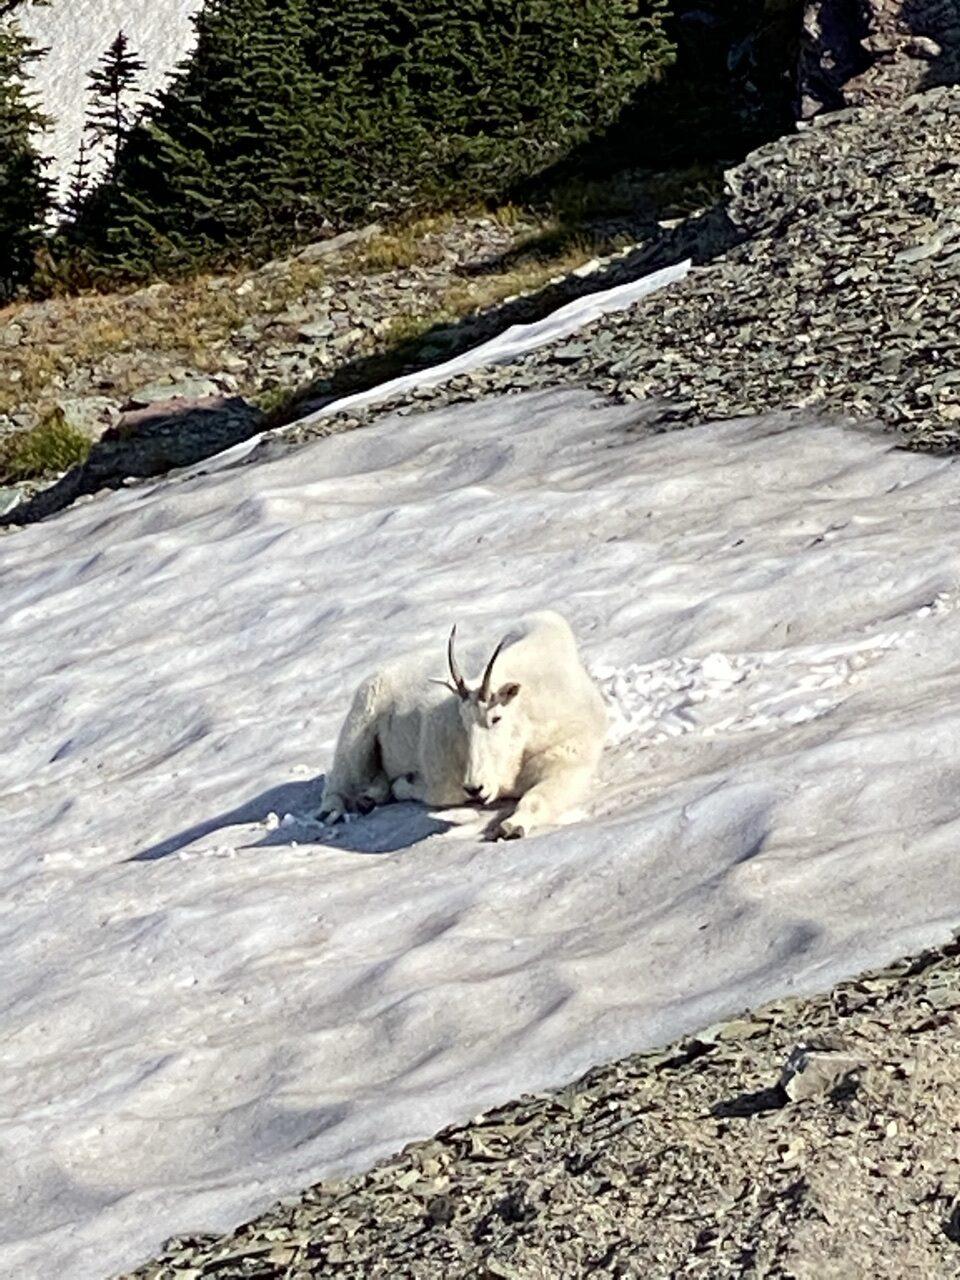 mountain goat on snow